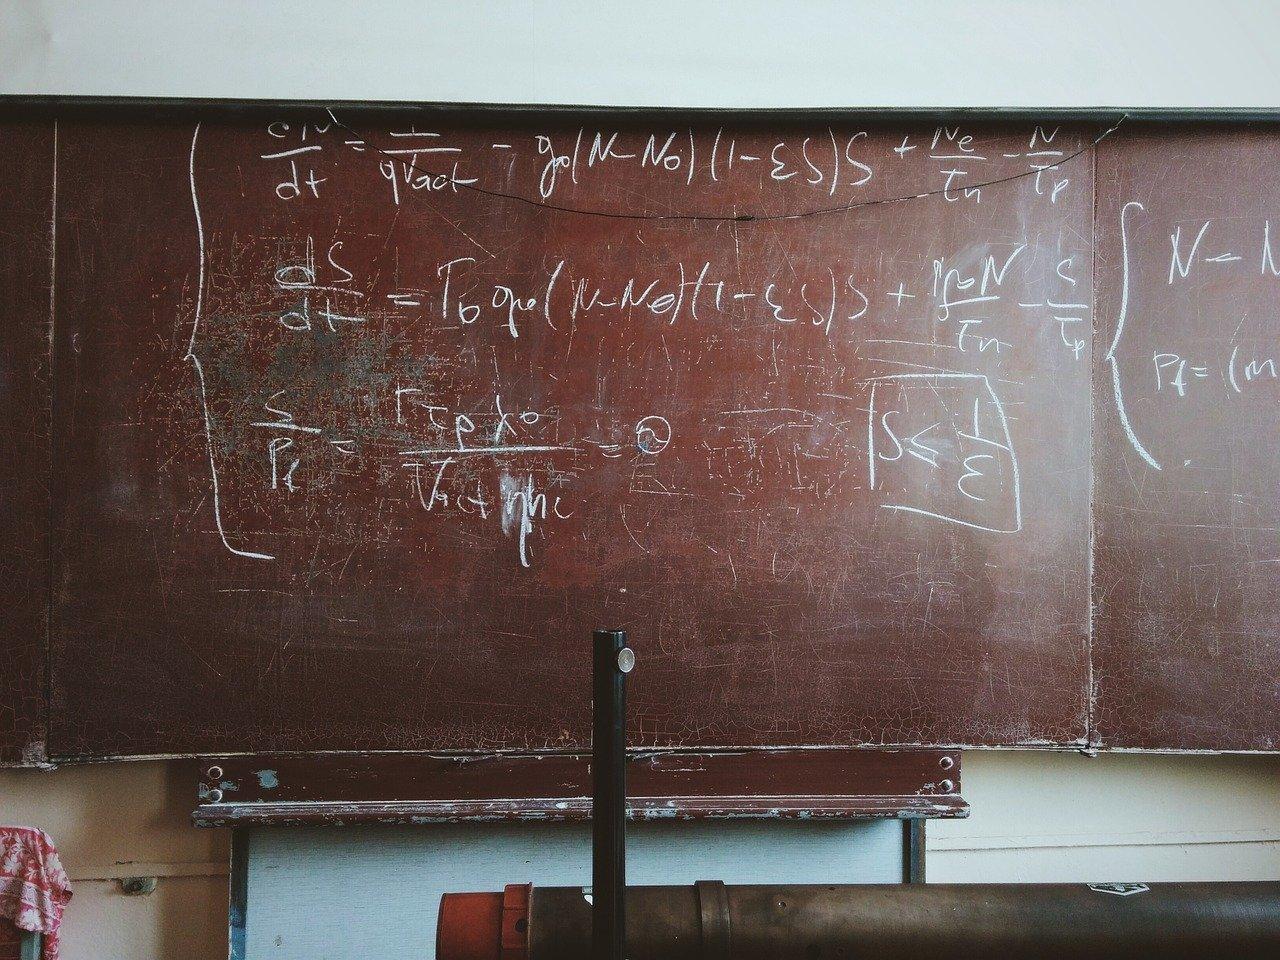 リアクタンスとは?単位、計算、公式、インピーダンスとの違いなど